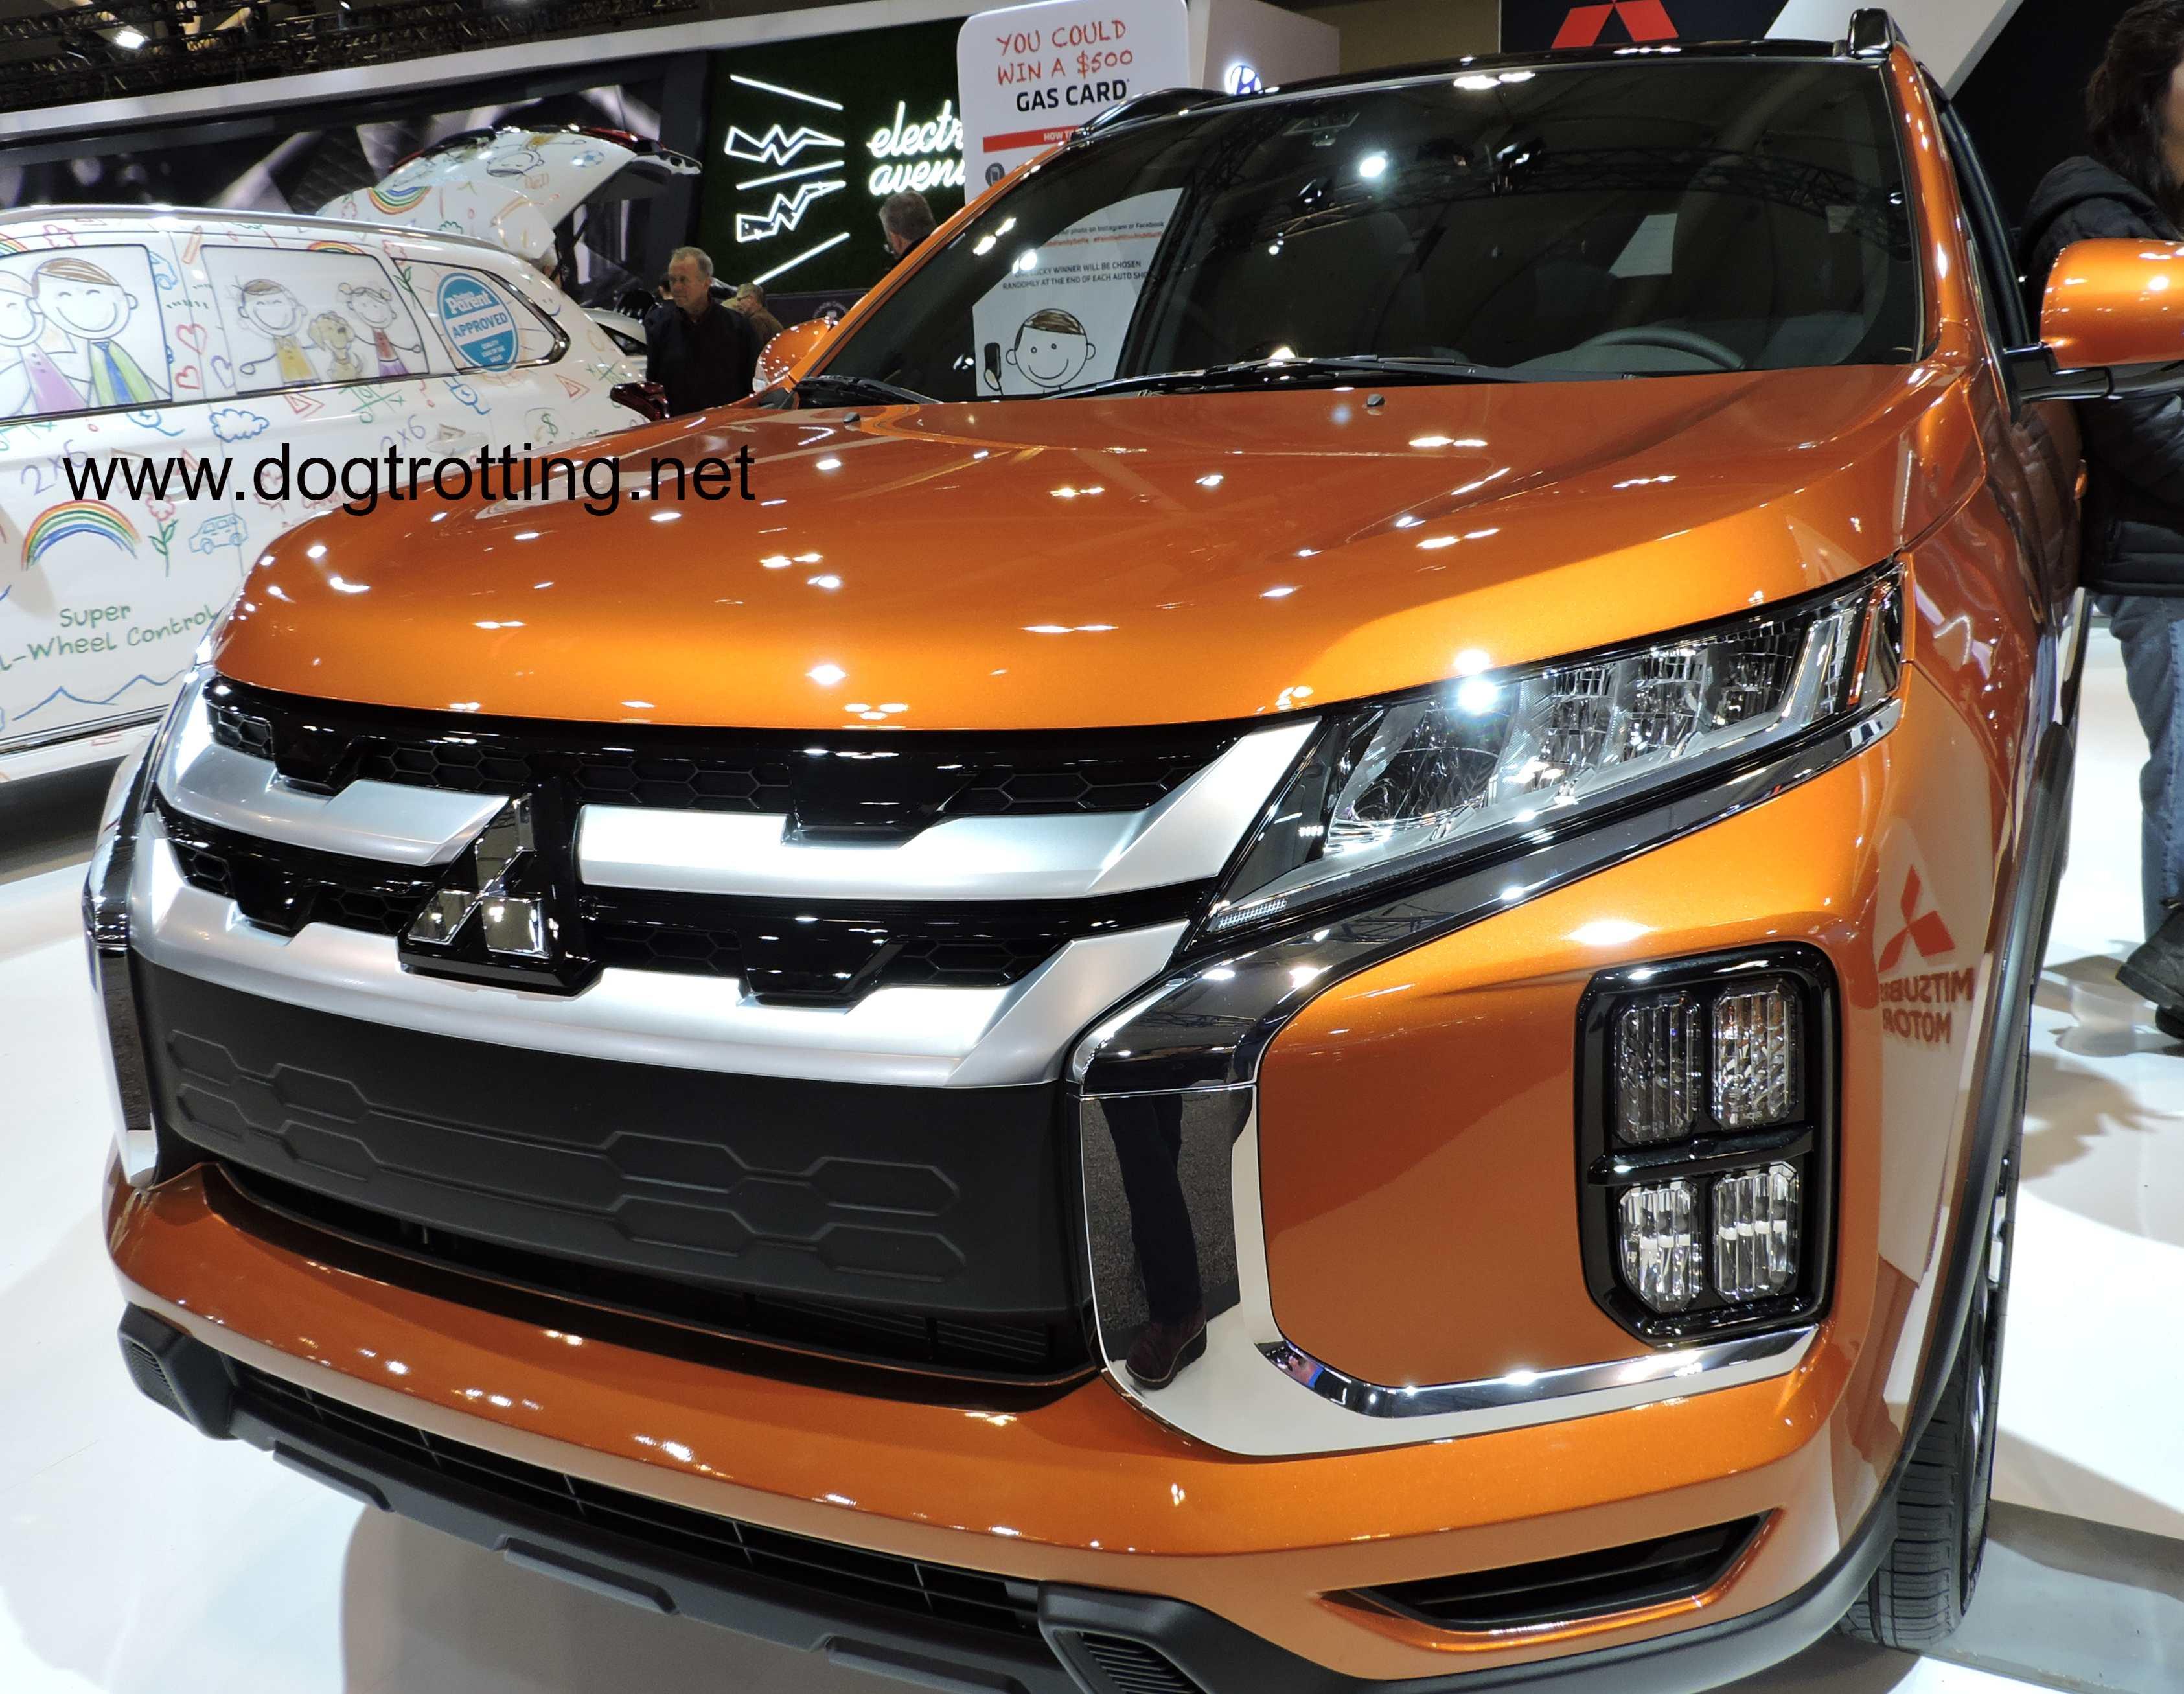 orange Mitizubishi RVR car at auto show